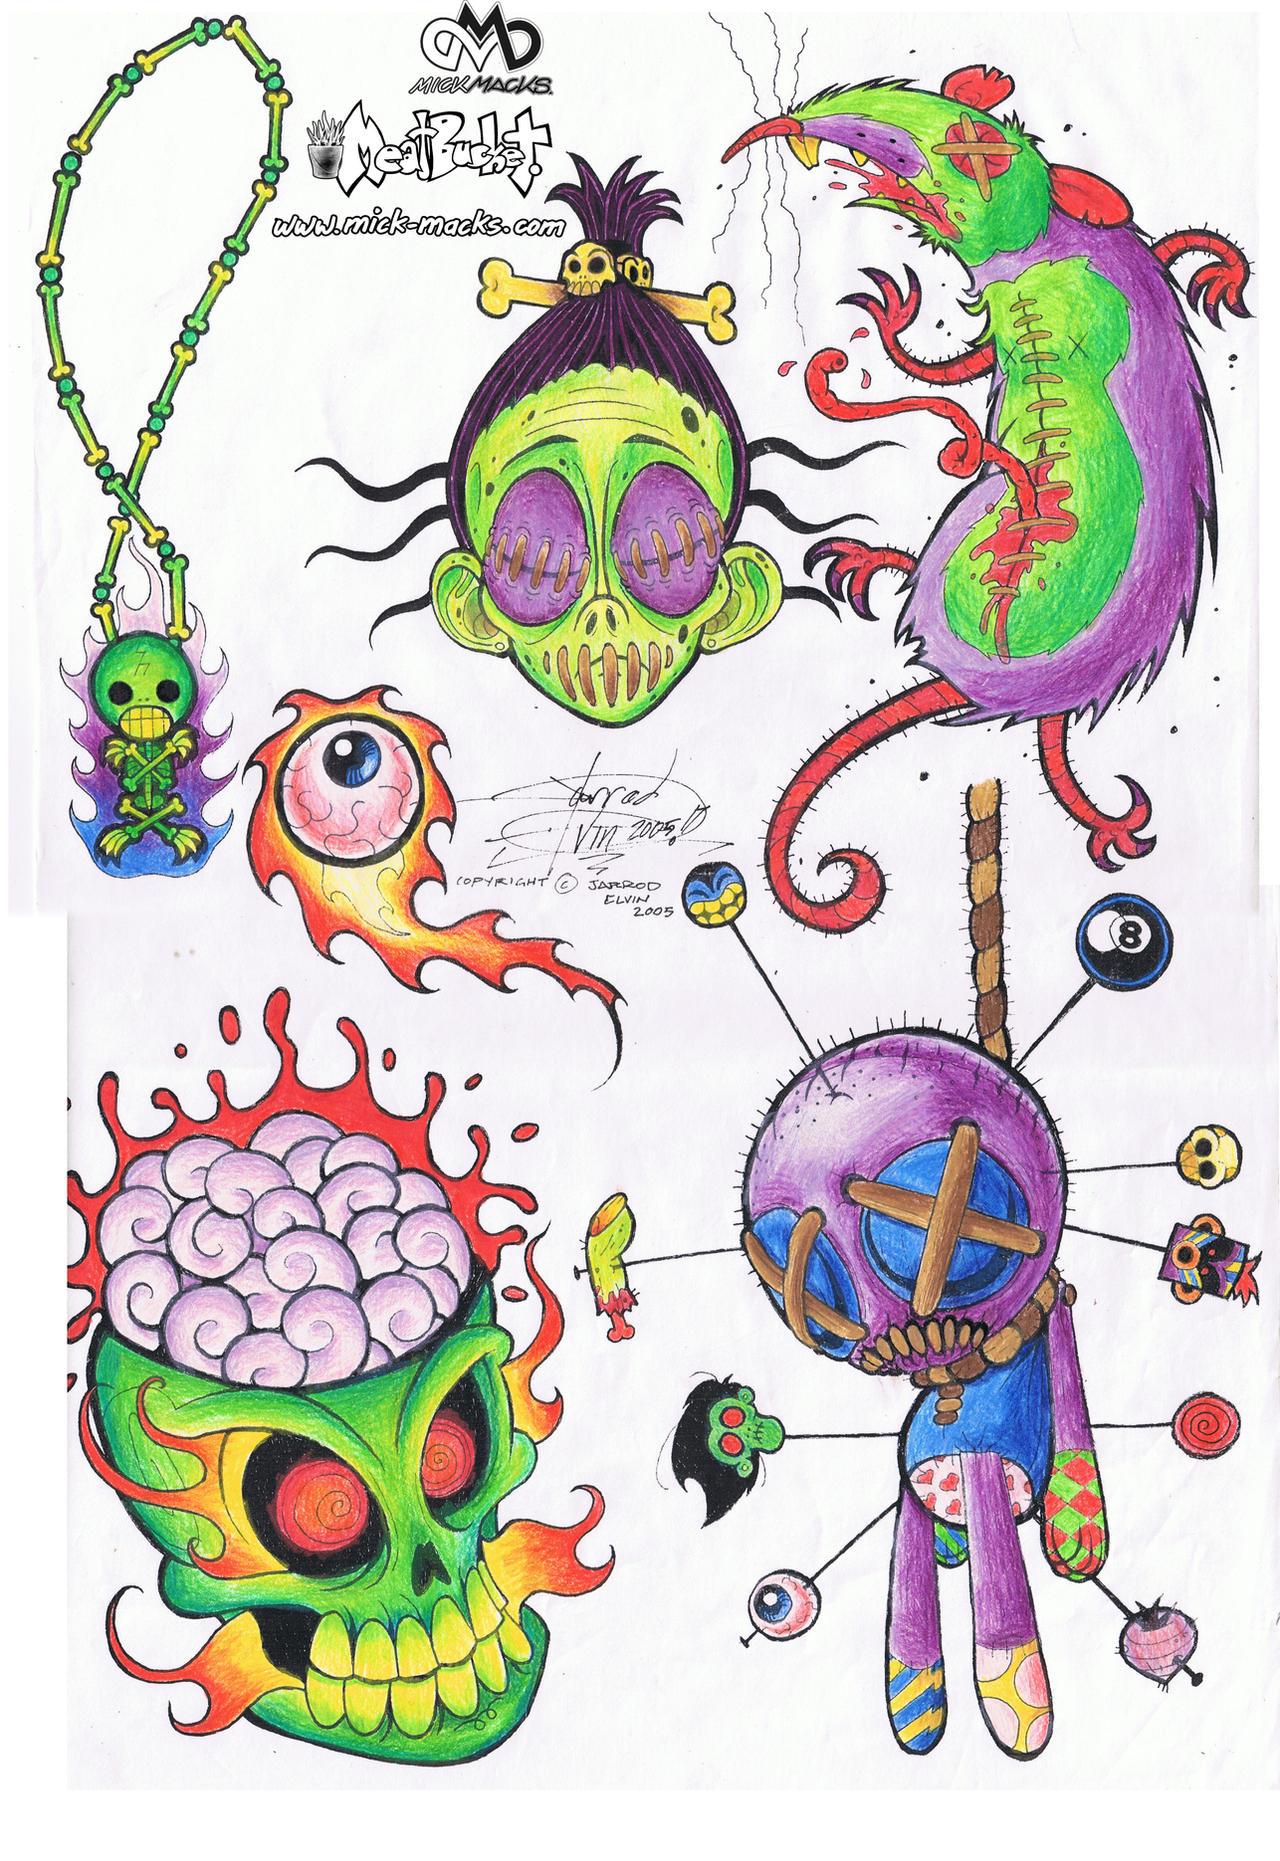 voodoo tattoo designs by jarrrodelvin on deviantart. Black Bedroom Furniture Sets. Home Design Ideas